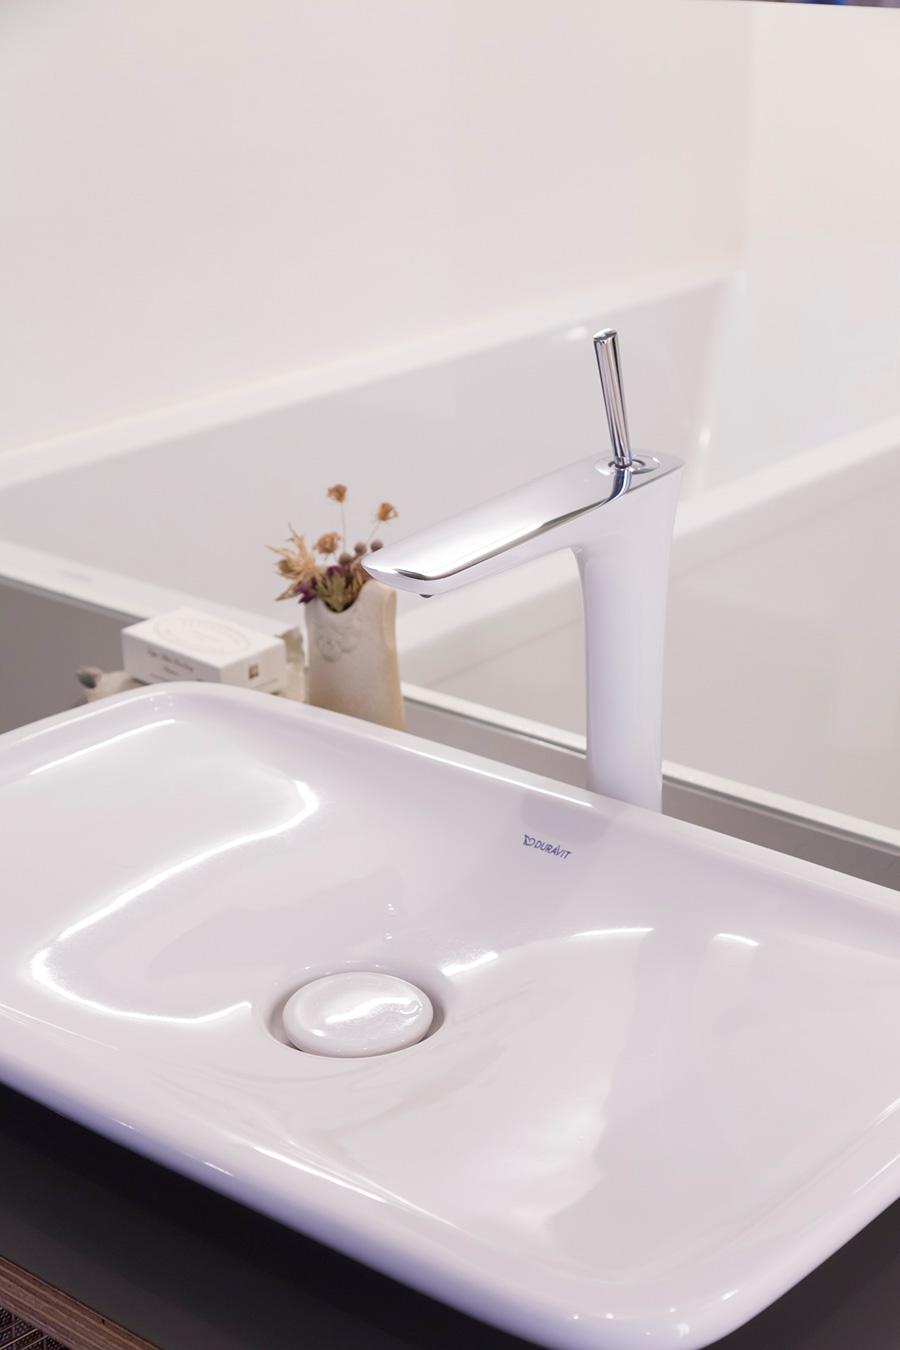 スタイリッシュなDURAVIT社の洗面ボウルと、ハンスグローエ社の水洗金具。バスタブはフィリップ・スタルクのデザイン。